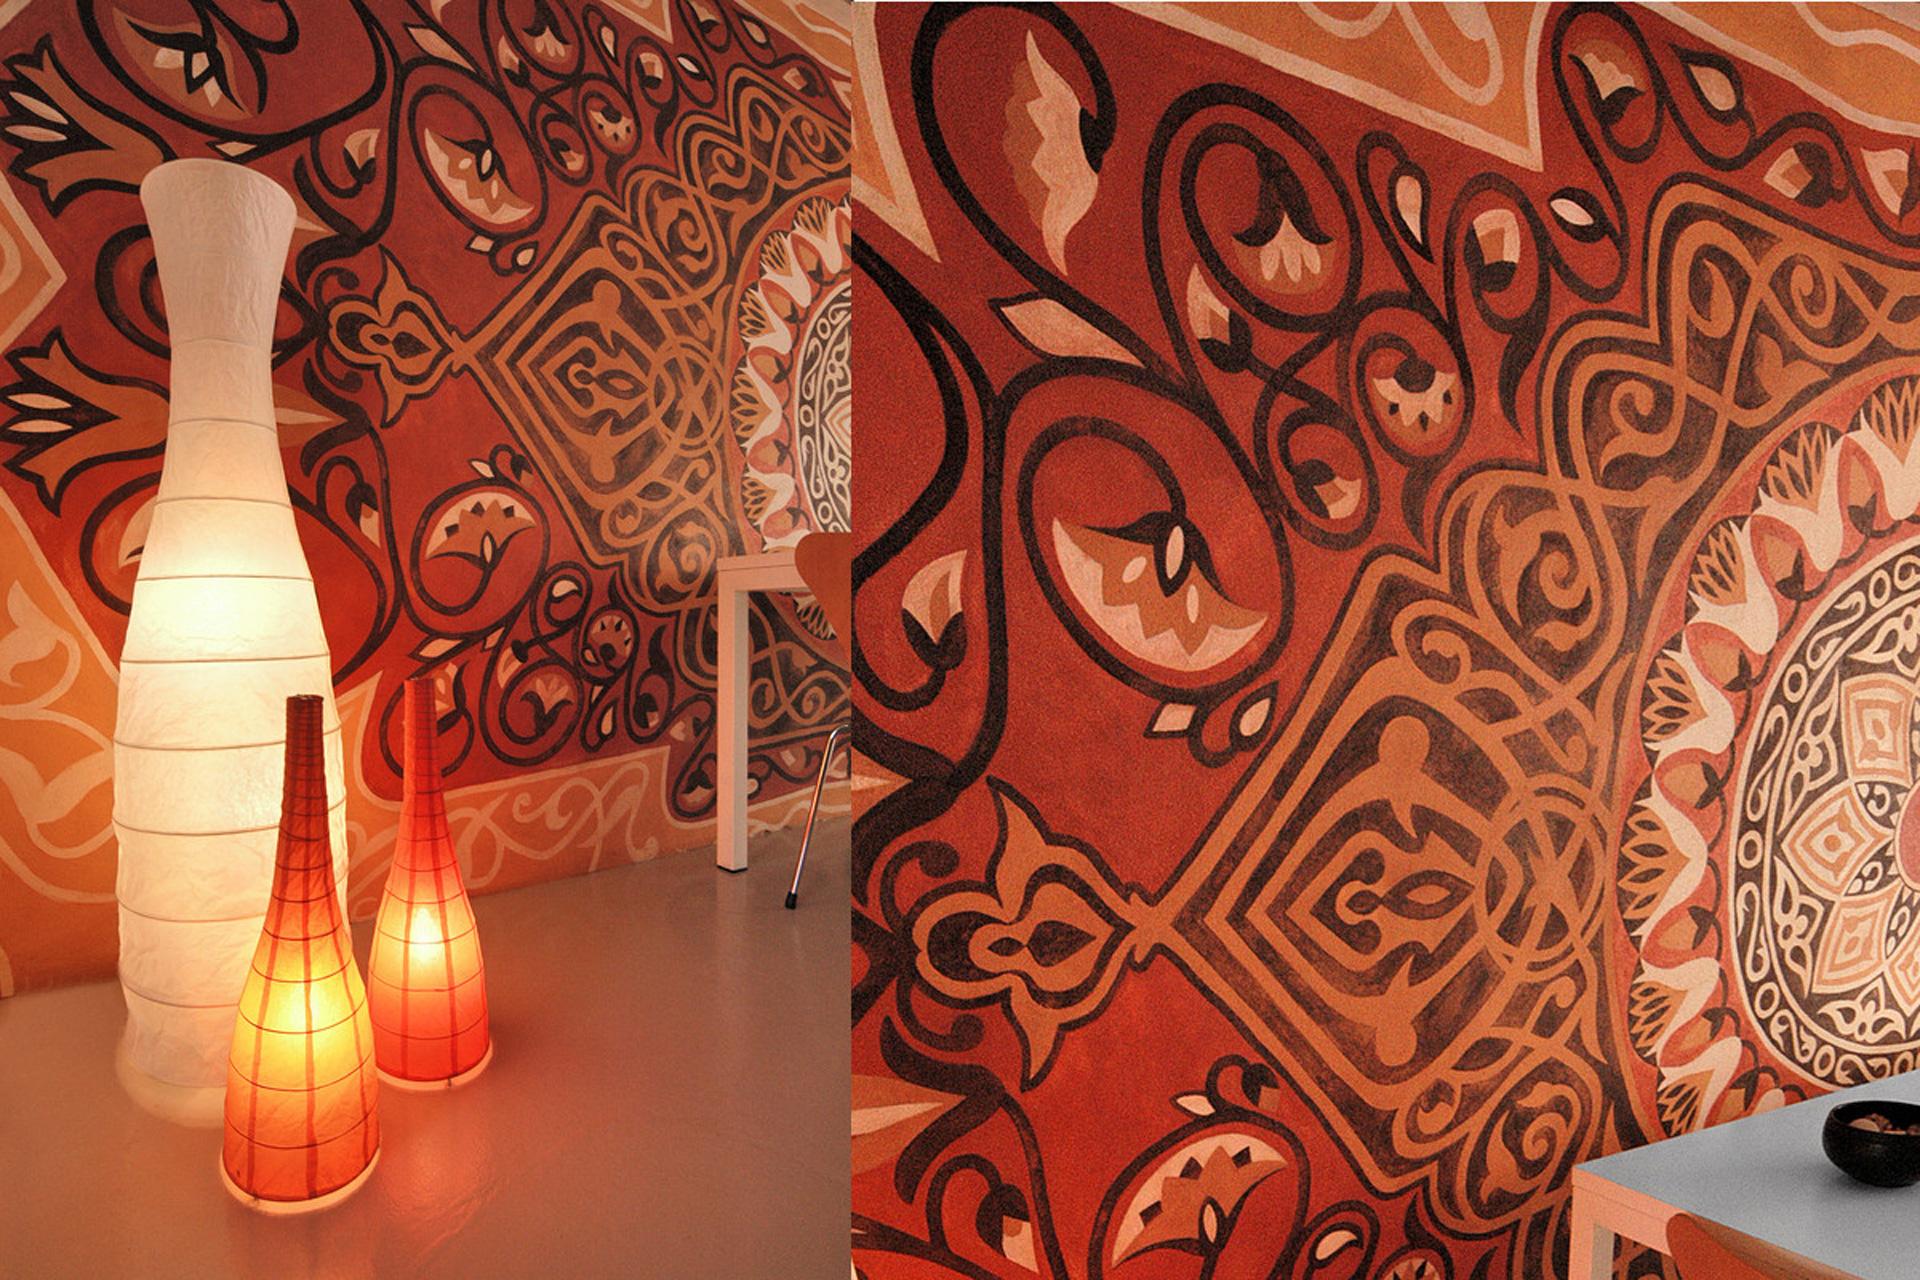 Interior wall art